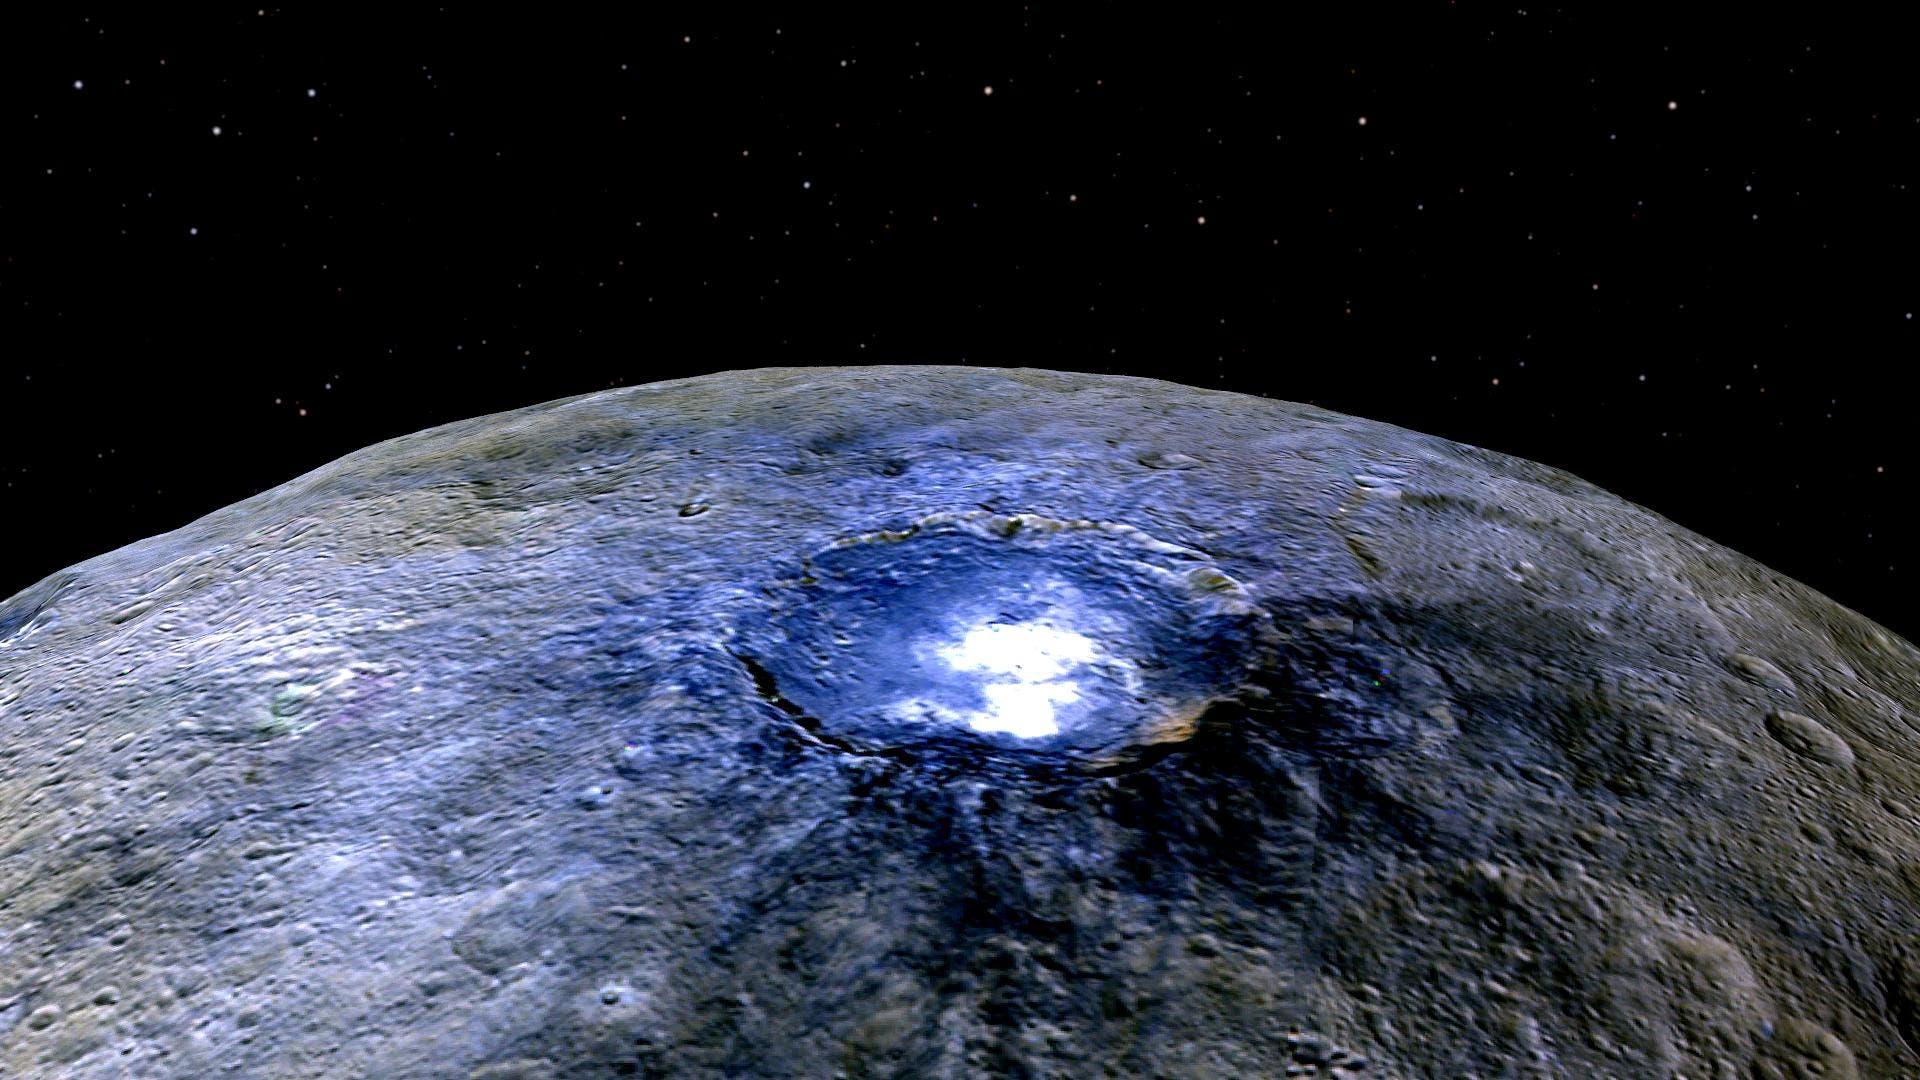 Internacional: Descubren un mar de agua salada en Ceres. (Hipertextual)